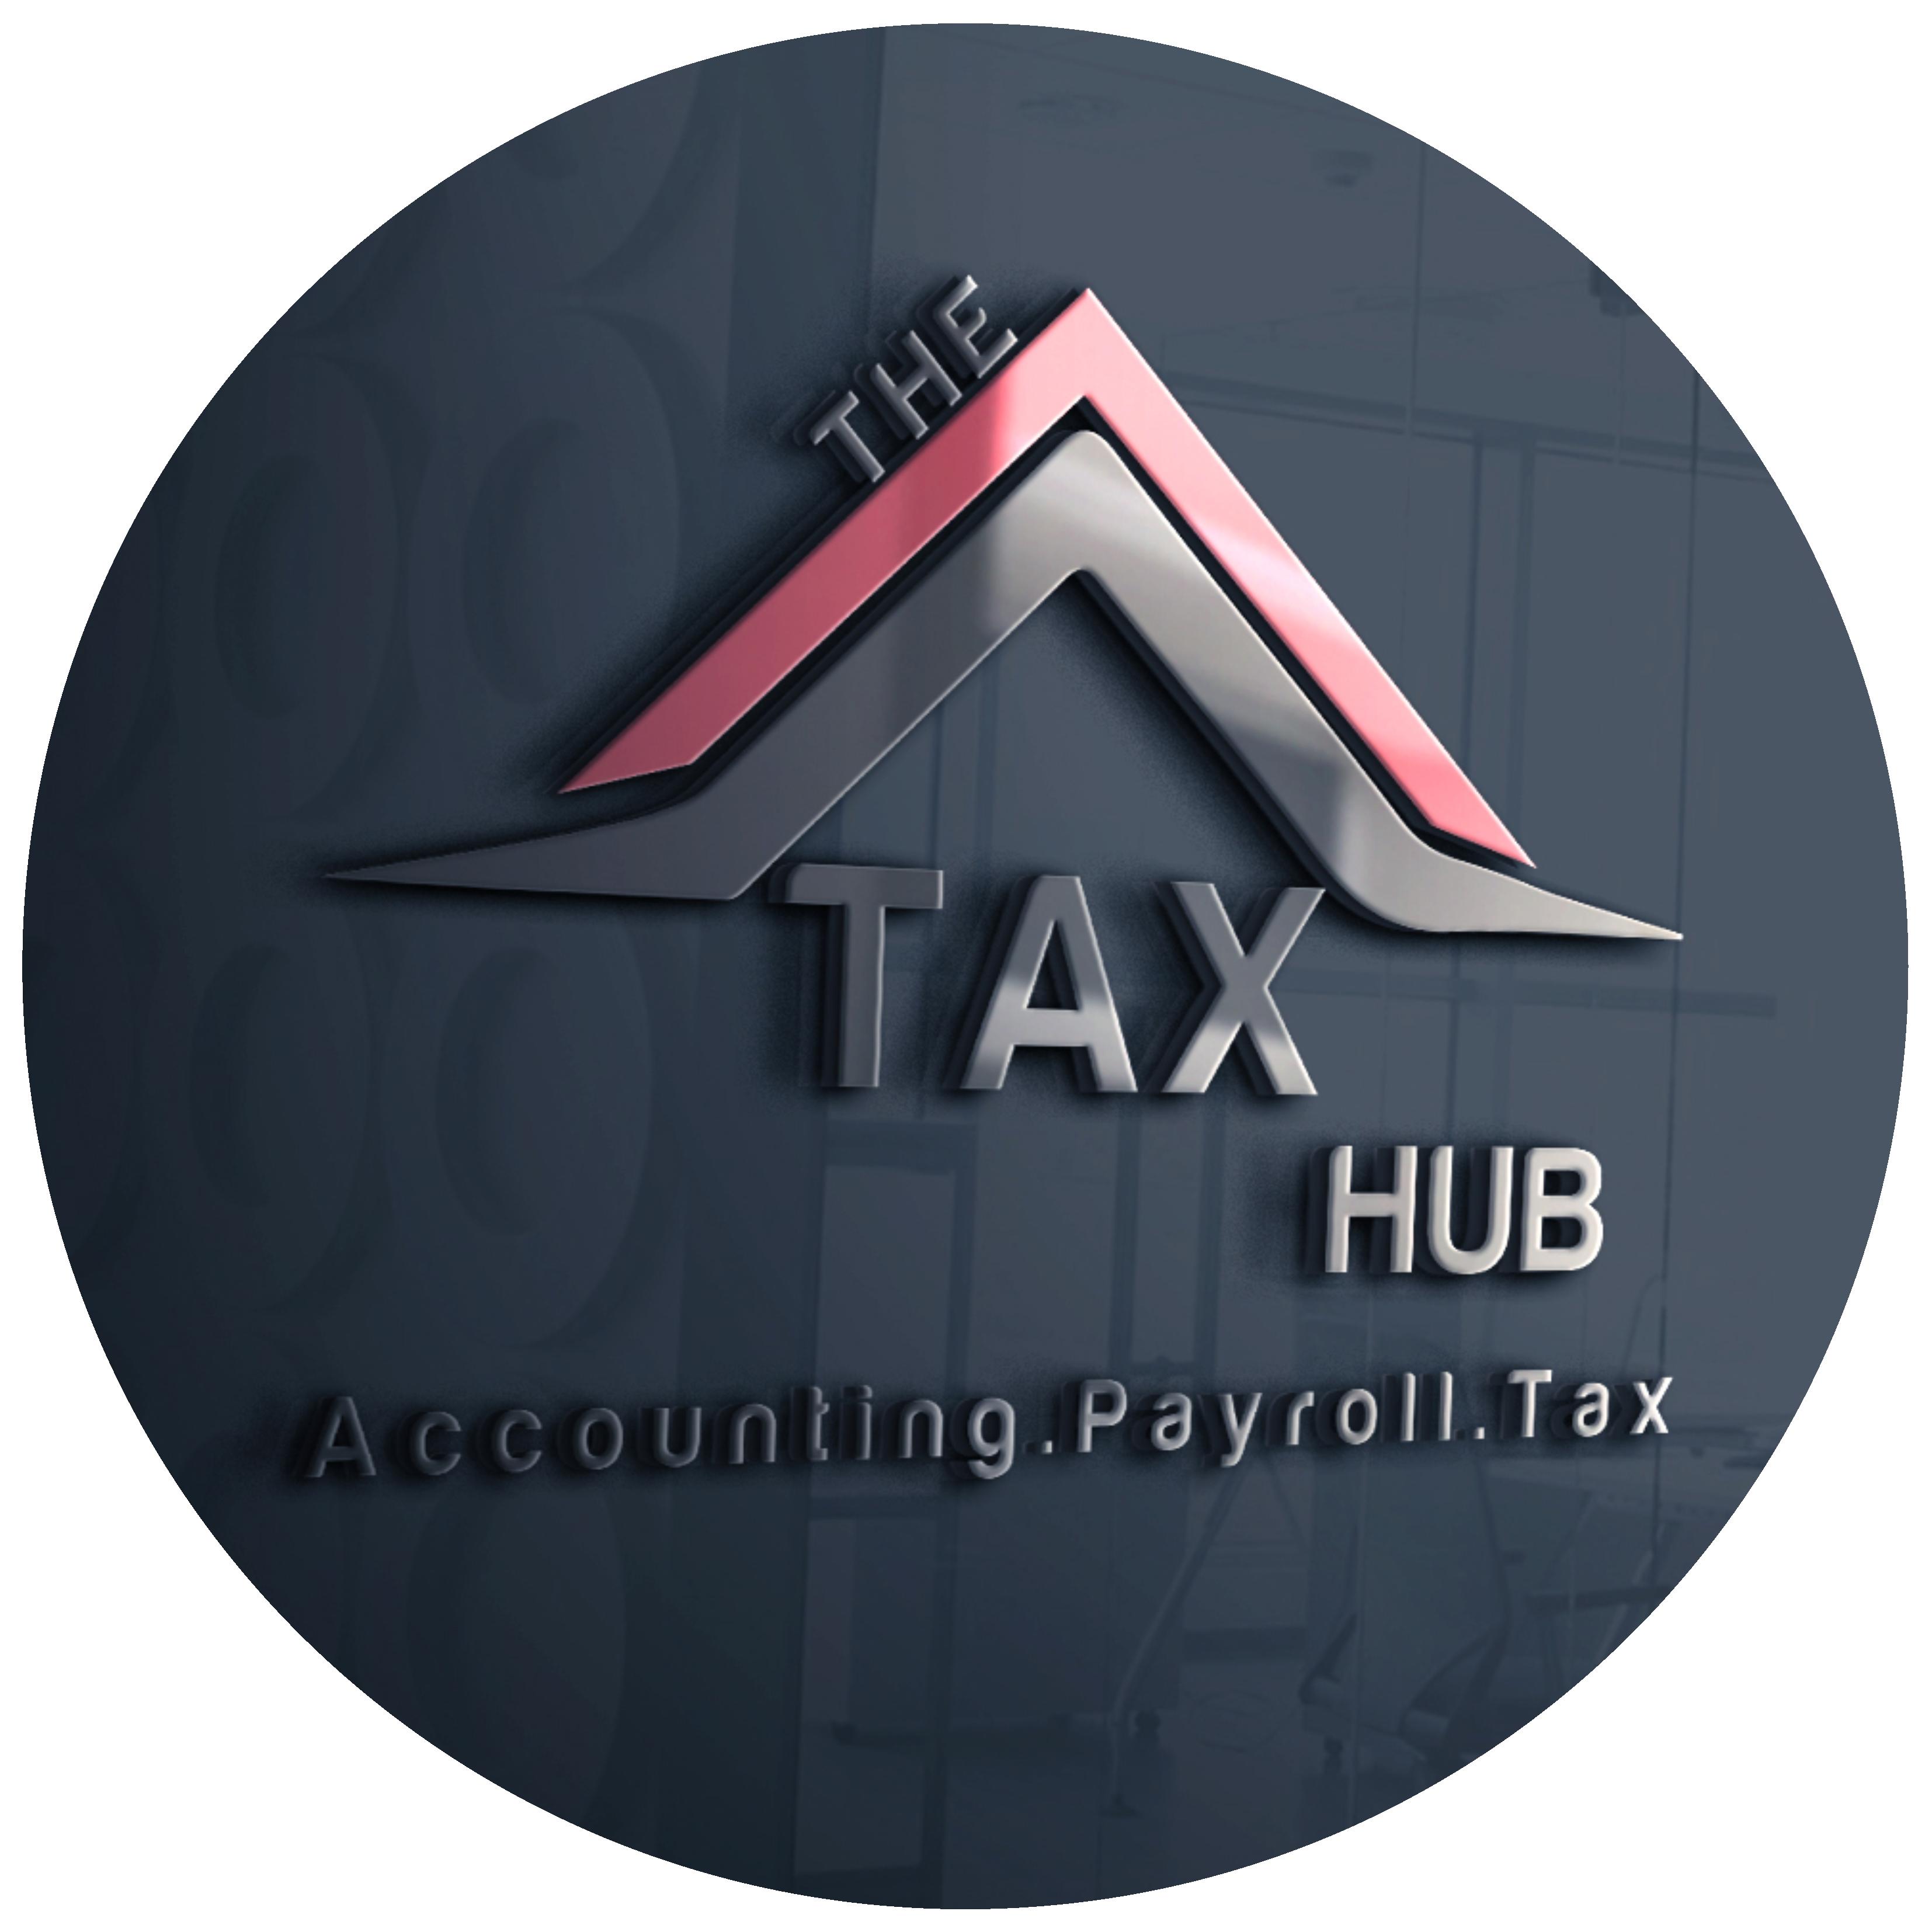 The Tax Hub